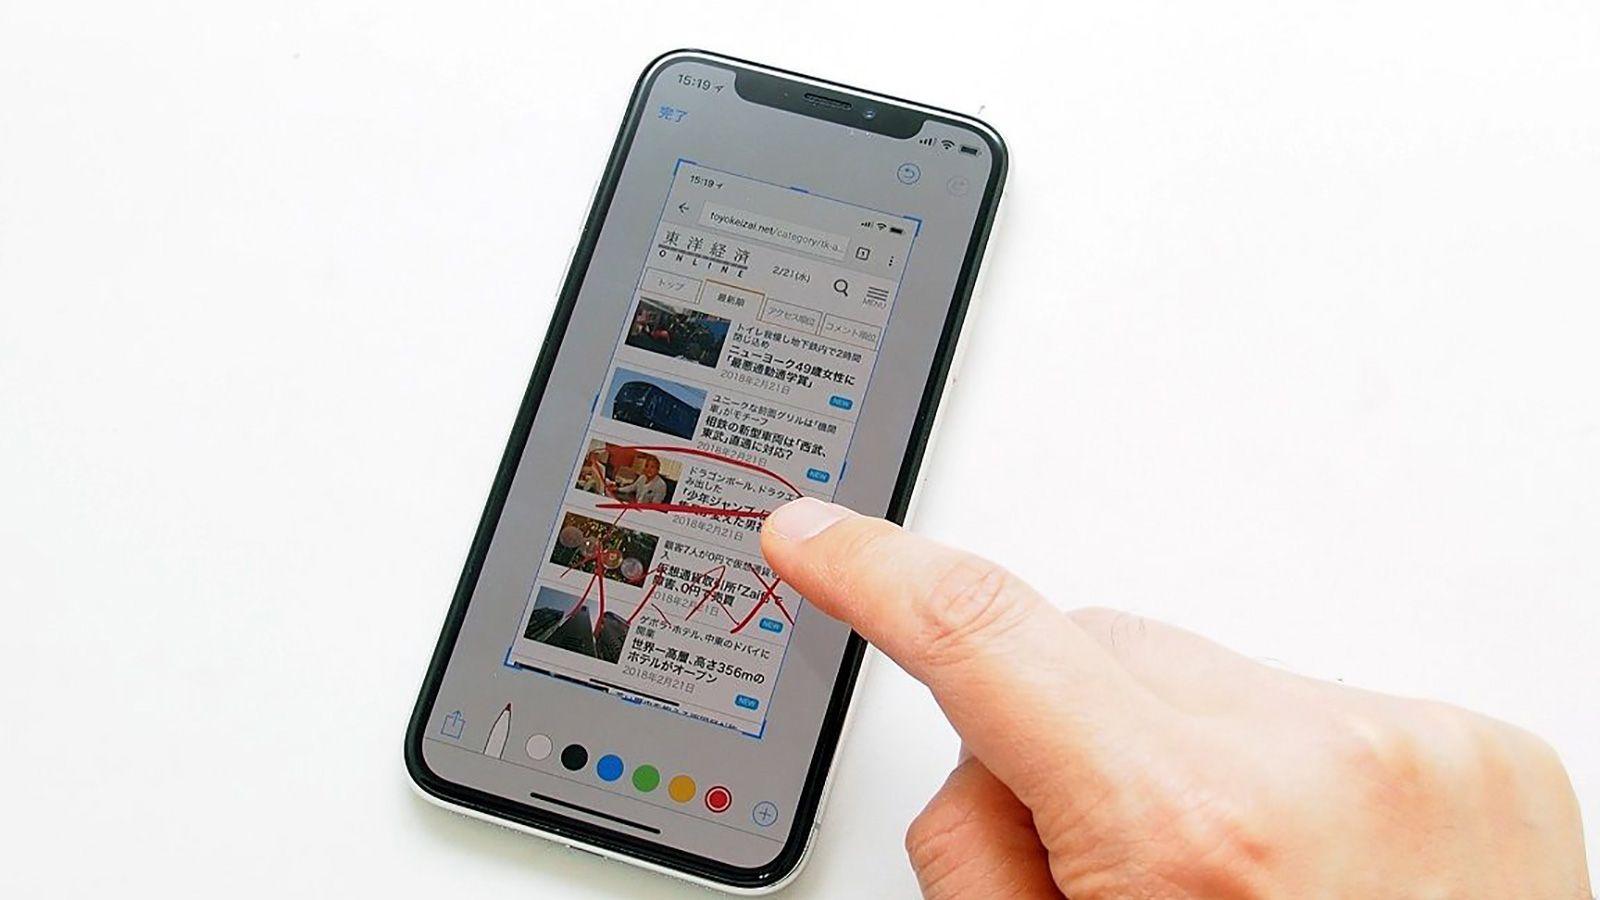 iphone7 スクショ の 仕方